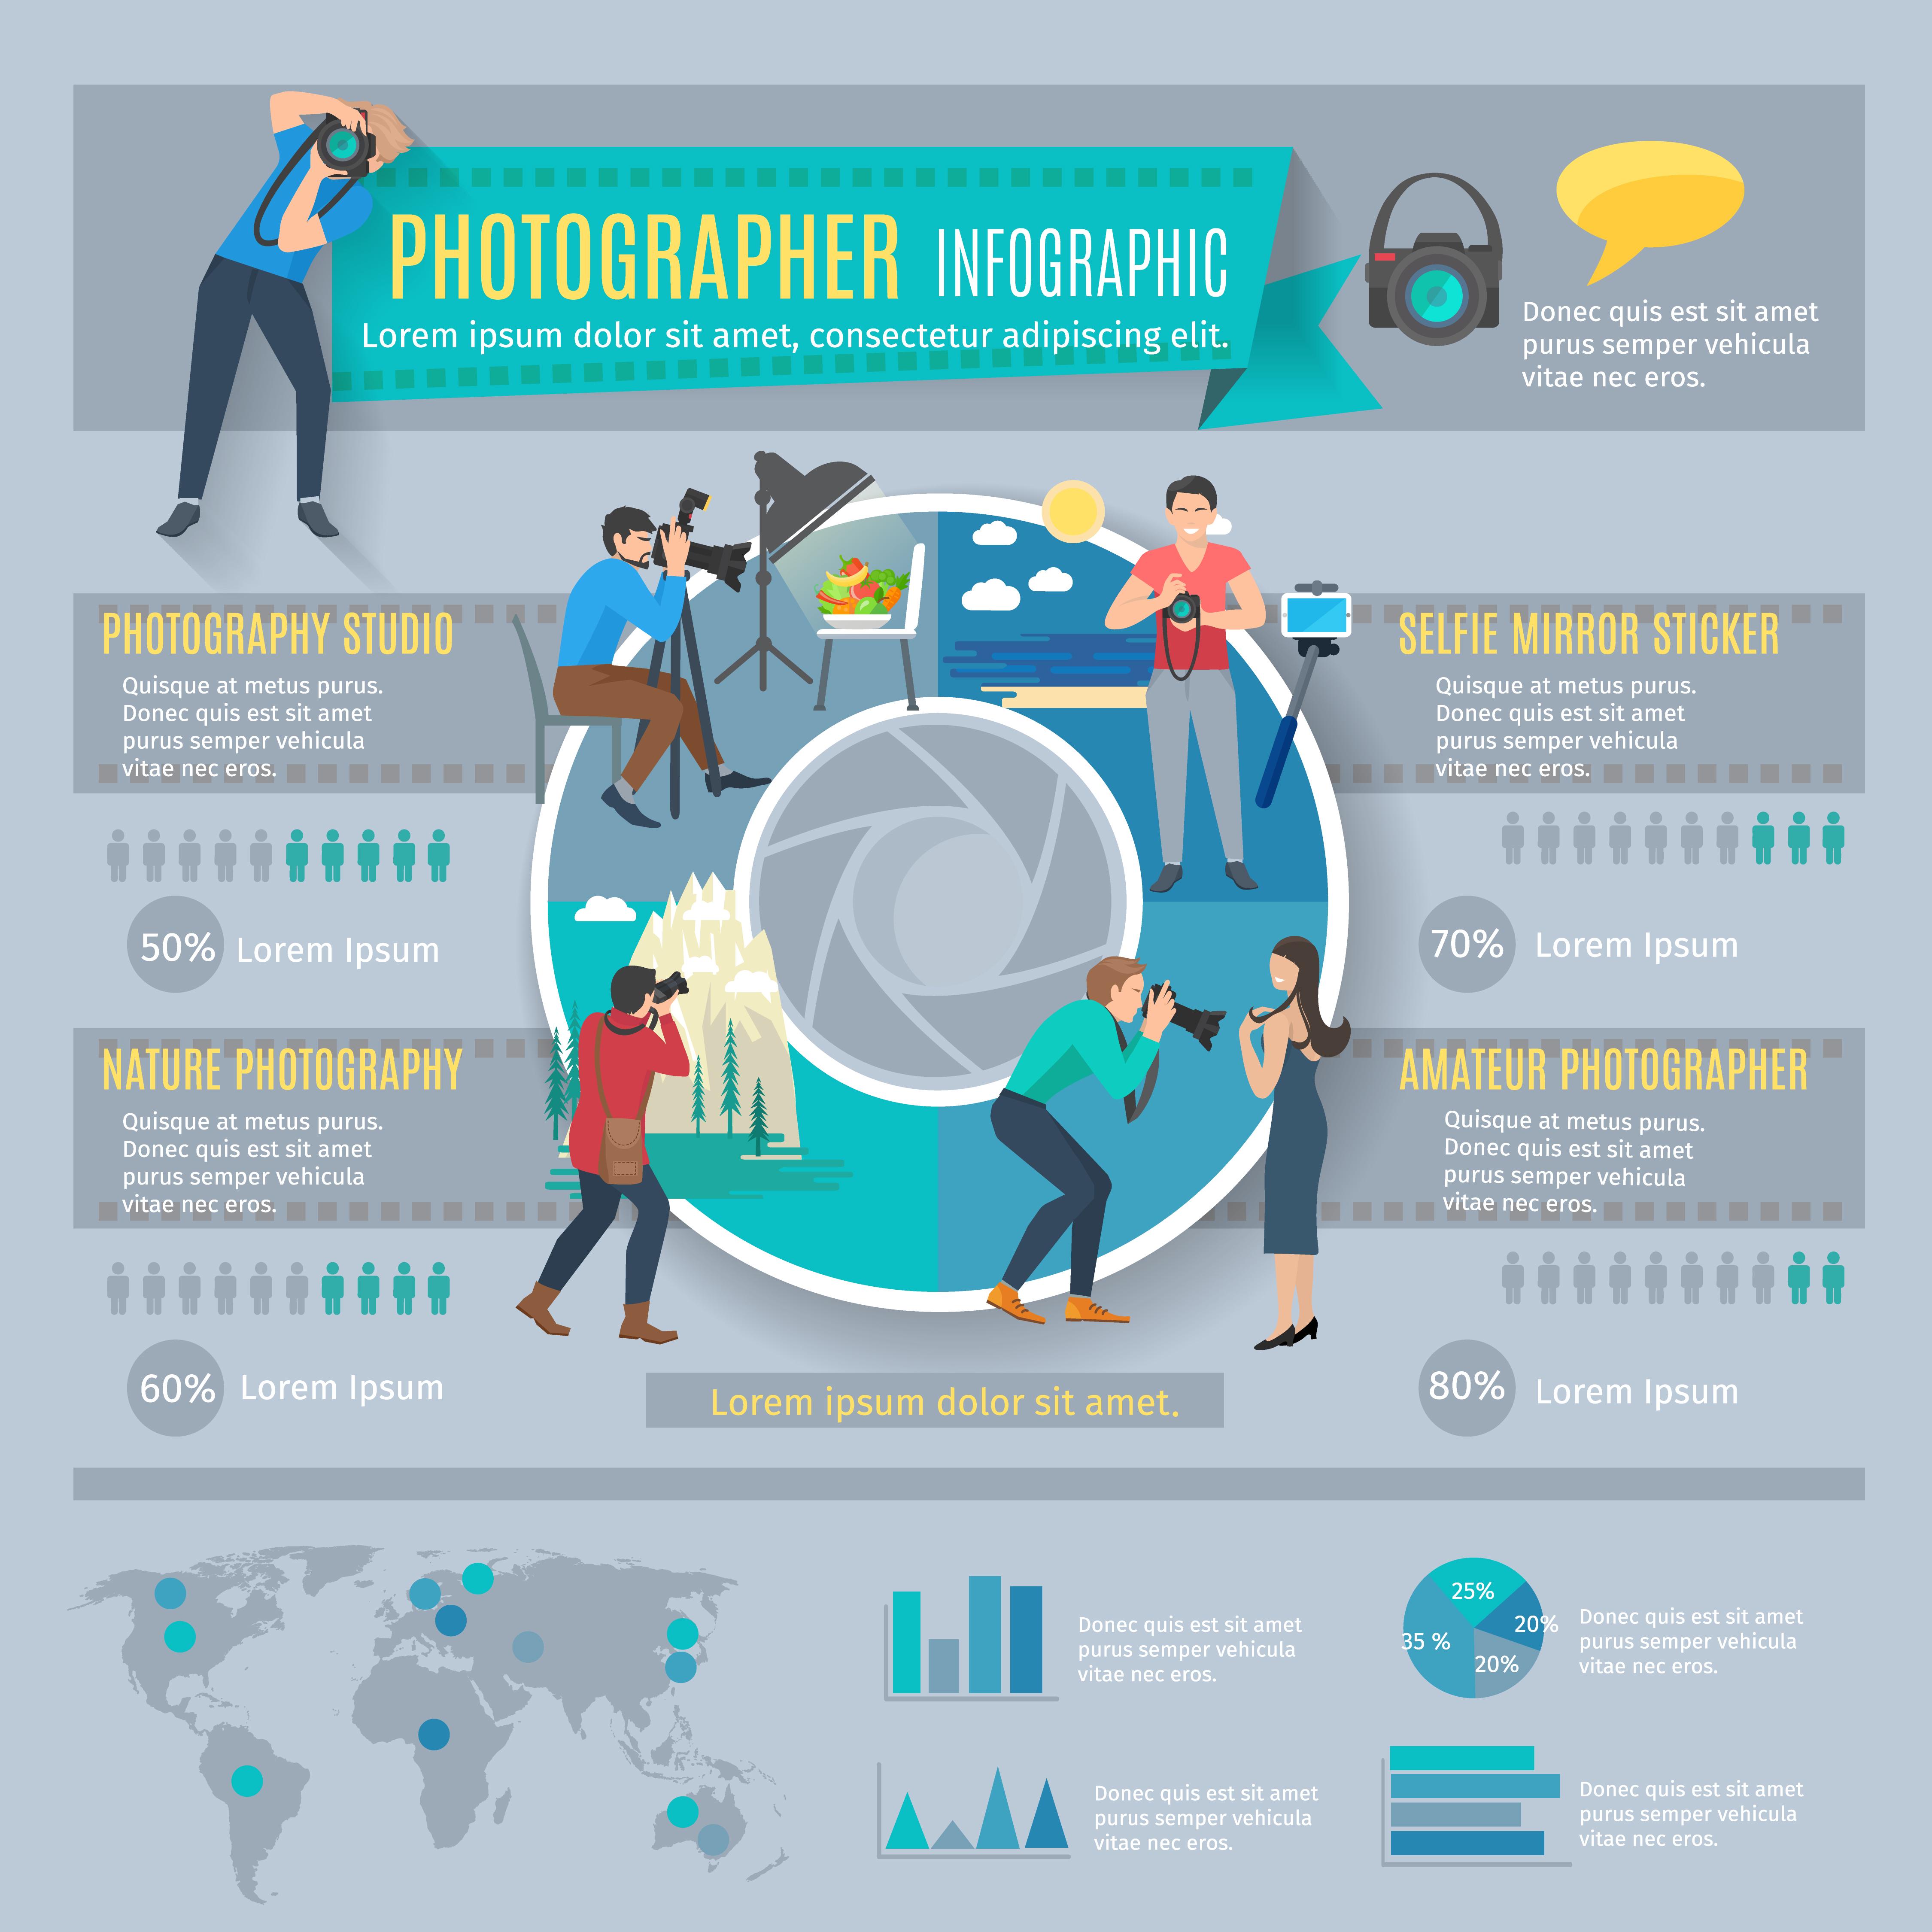 мужской полезная инфографика для фотографов это только